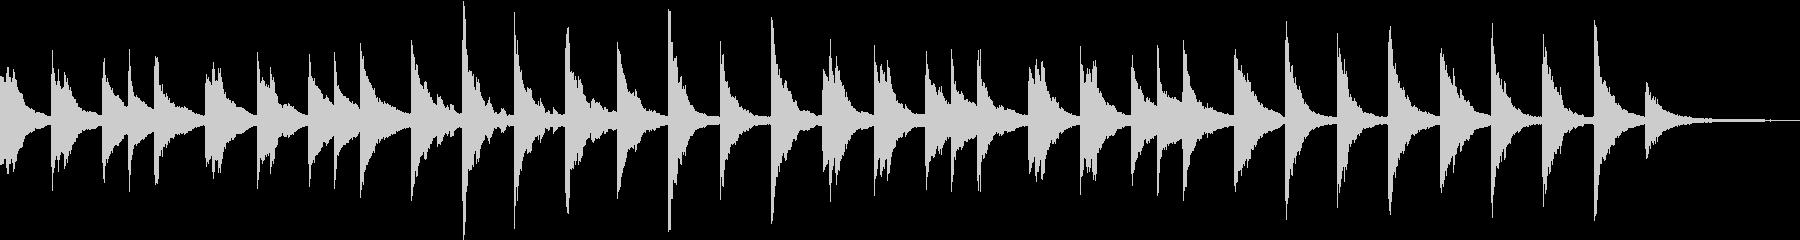 アンビエント寄りのピアノソロの未再生の波形